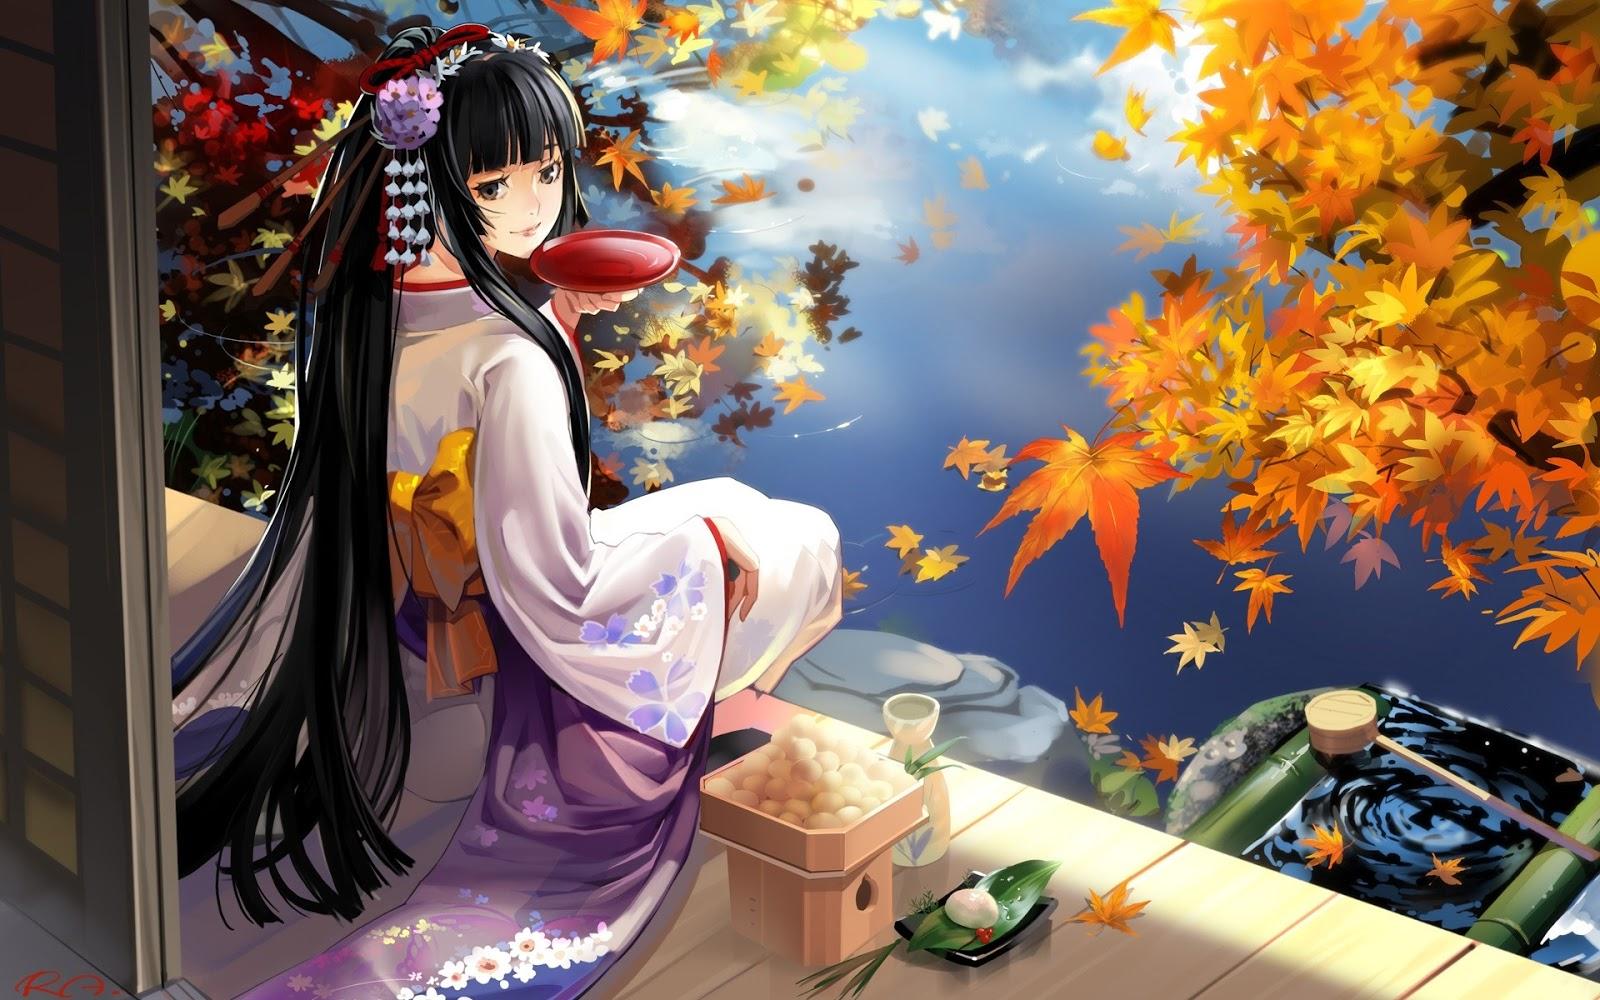 http://4.bp.blogspot.com/-peAE7kiZv_s/UI0jtnFFwkI/AAAAAAAAAEw/pfMnQ7gKV6I/s1600/geisha_anime-wallpaper.jpg